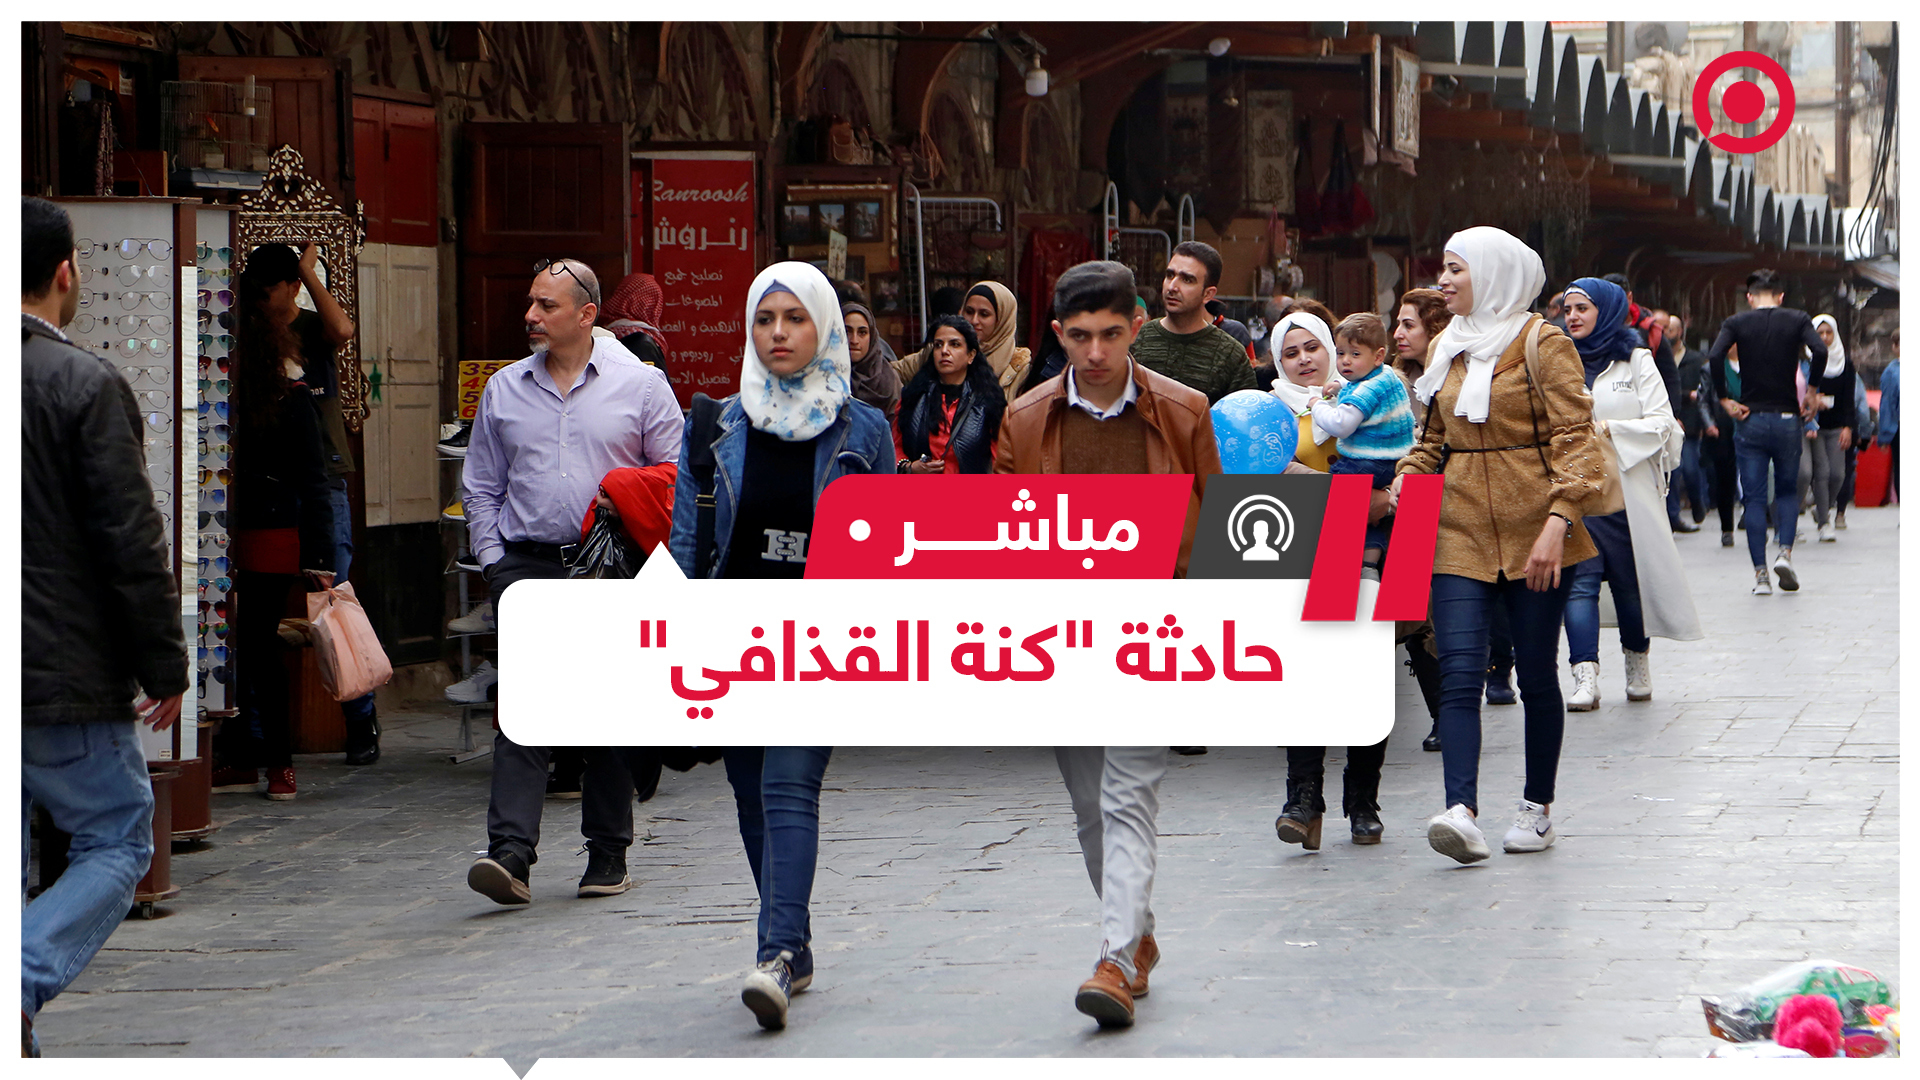 هل اعتدت زوجة أحد أبناء القذافي على شرطة المرور في دمشق؟